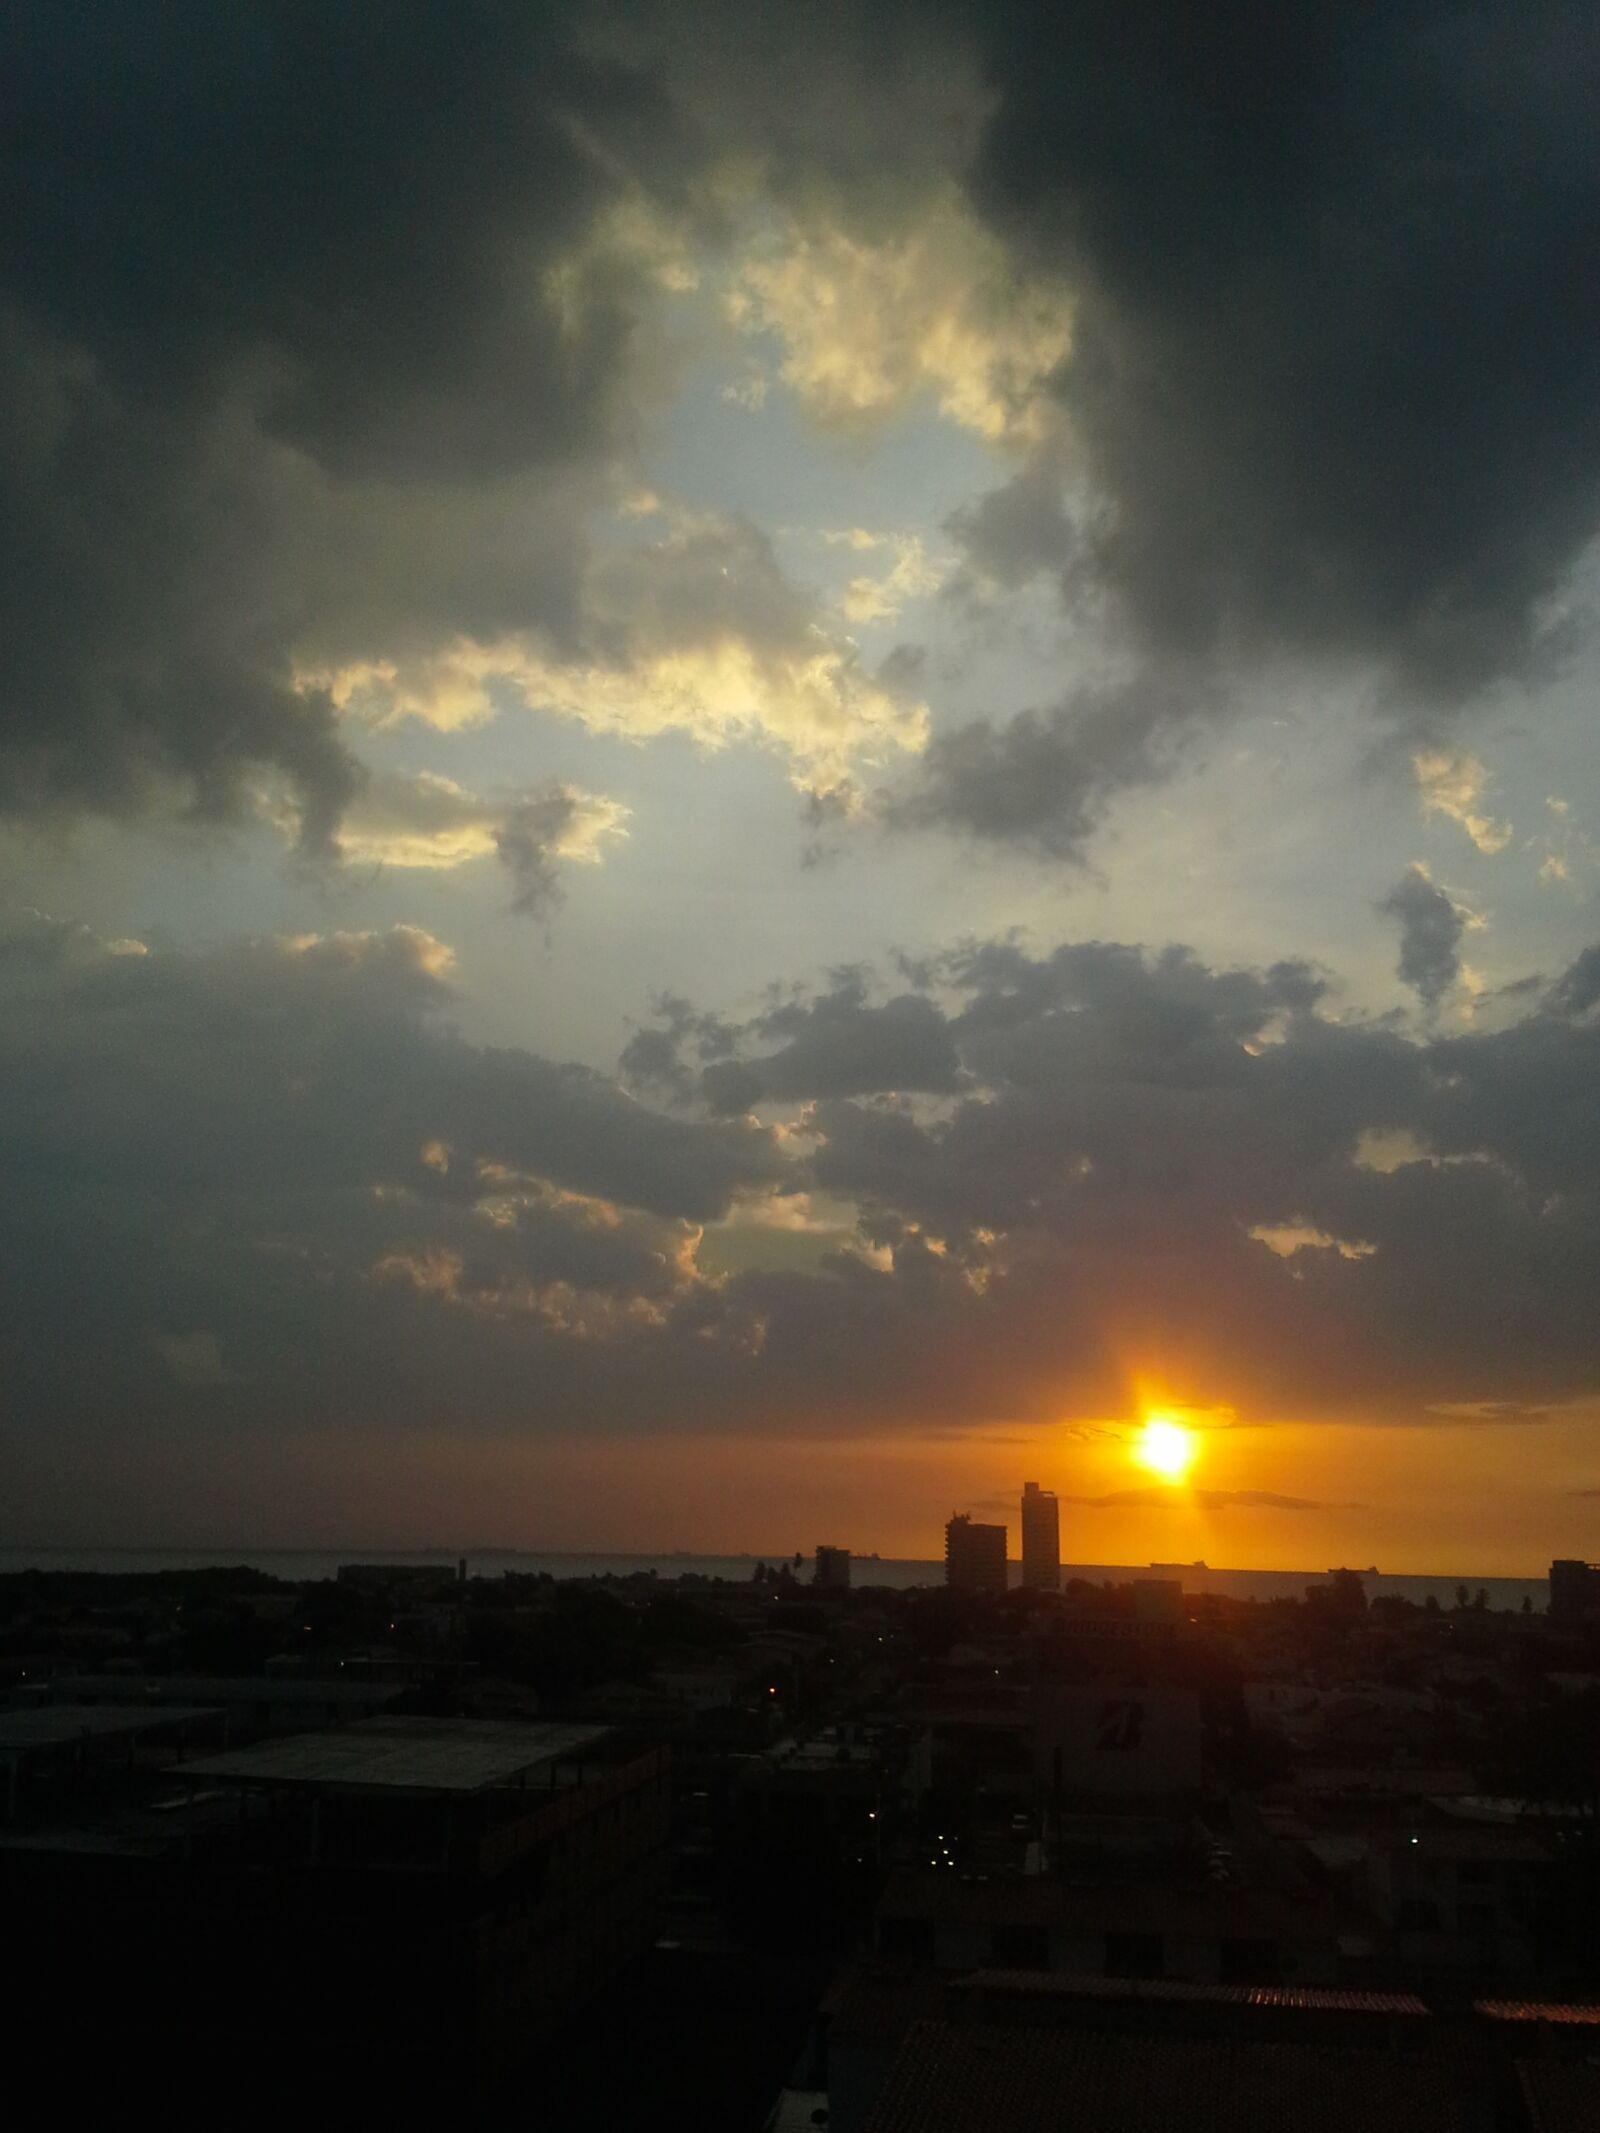 sunset, dark clouds, sun